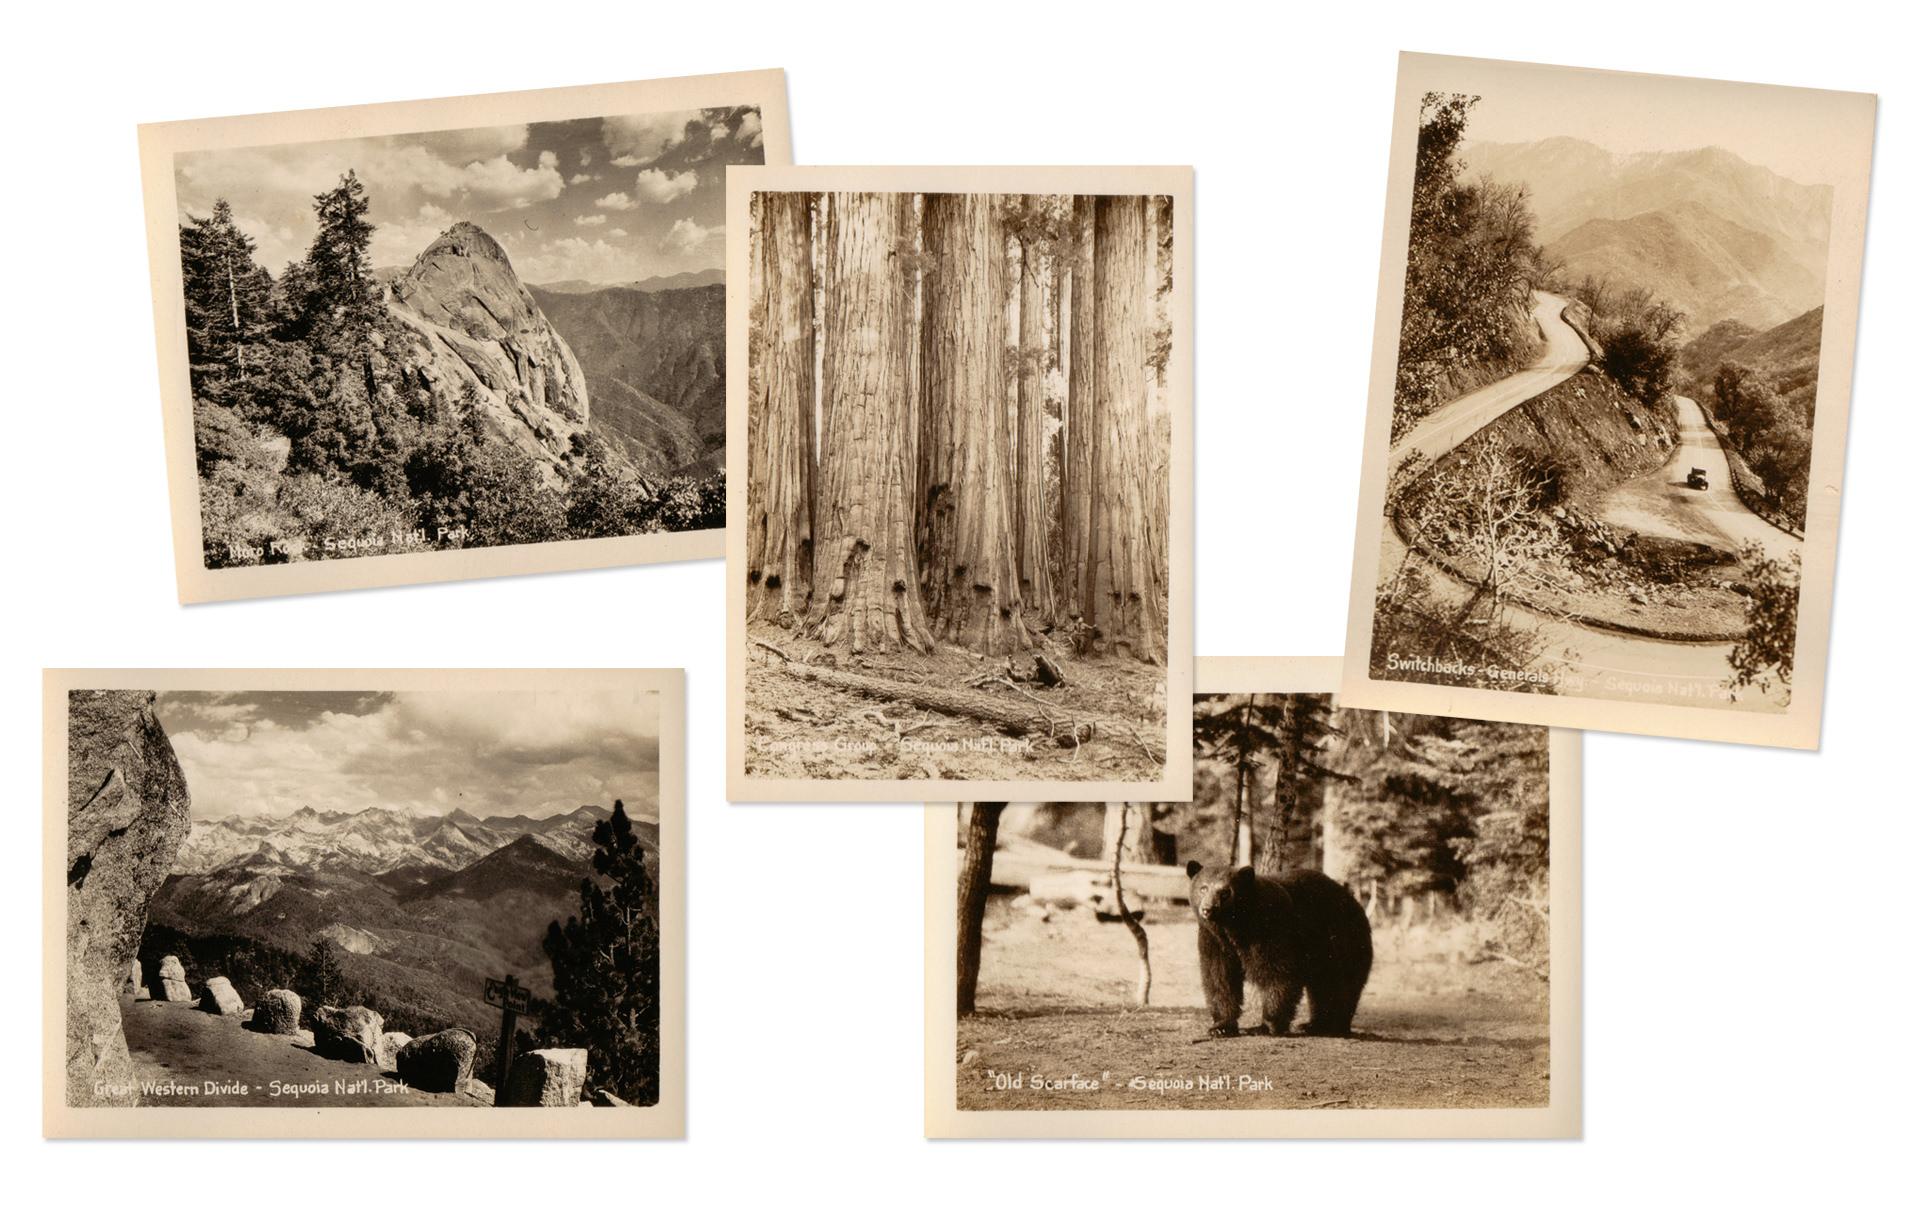 Sequoia National Park Antique Photographs